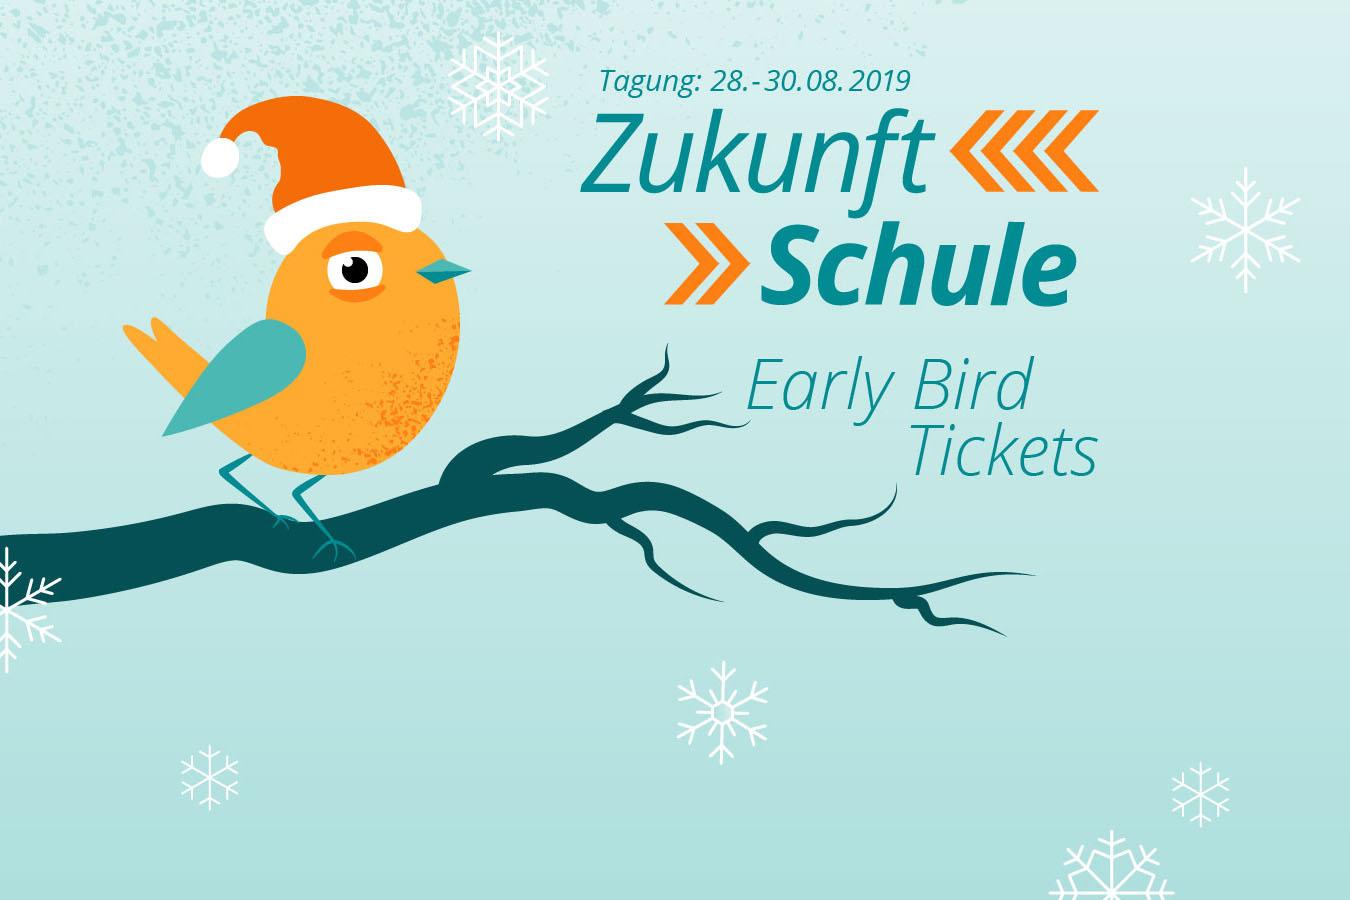 Christmas                                 Early Bird Angebot: Die komplette Tagung                                 für 99,- Euro statt 159,- Euro